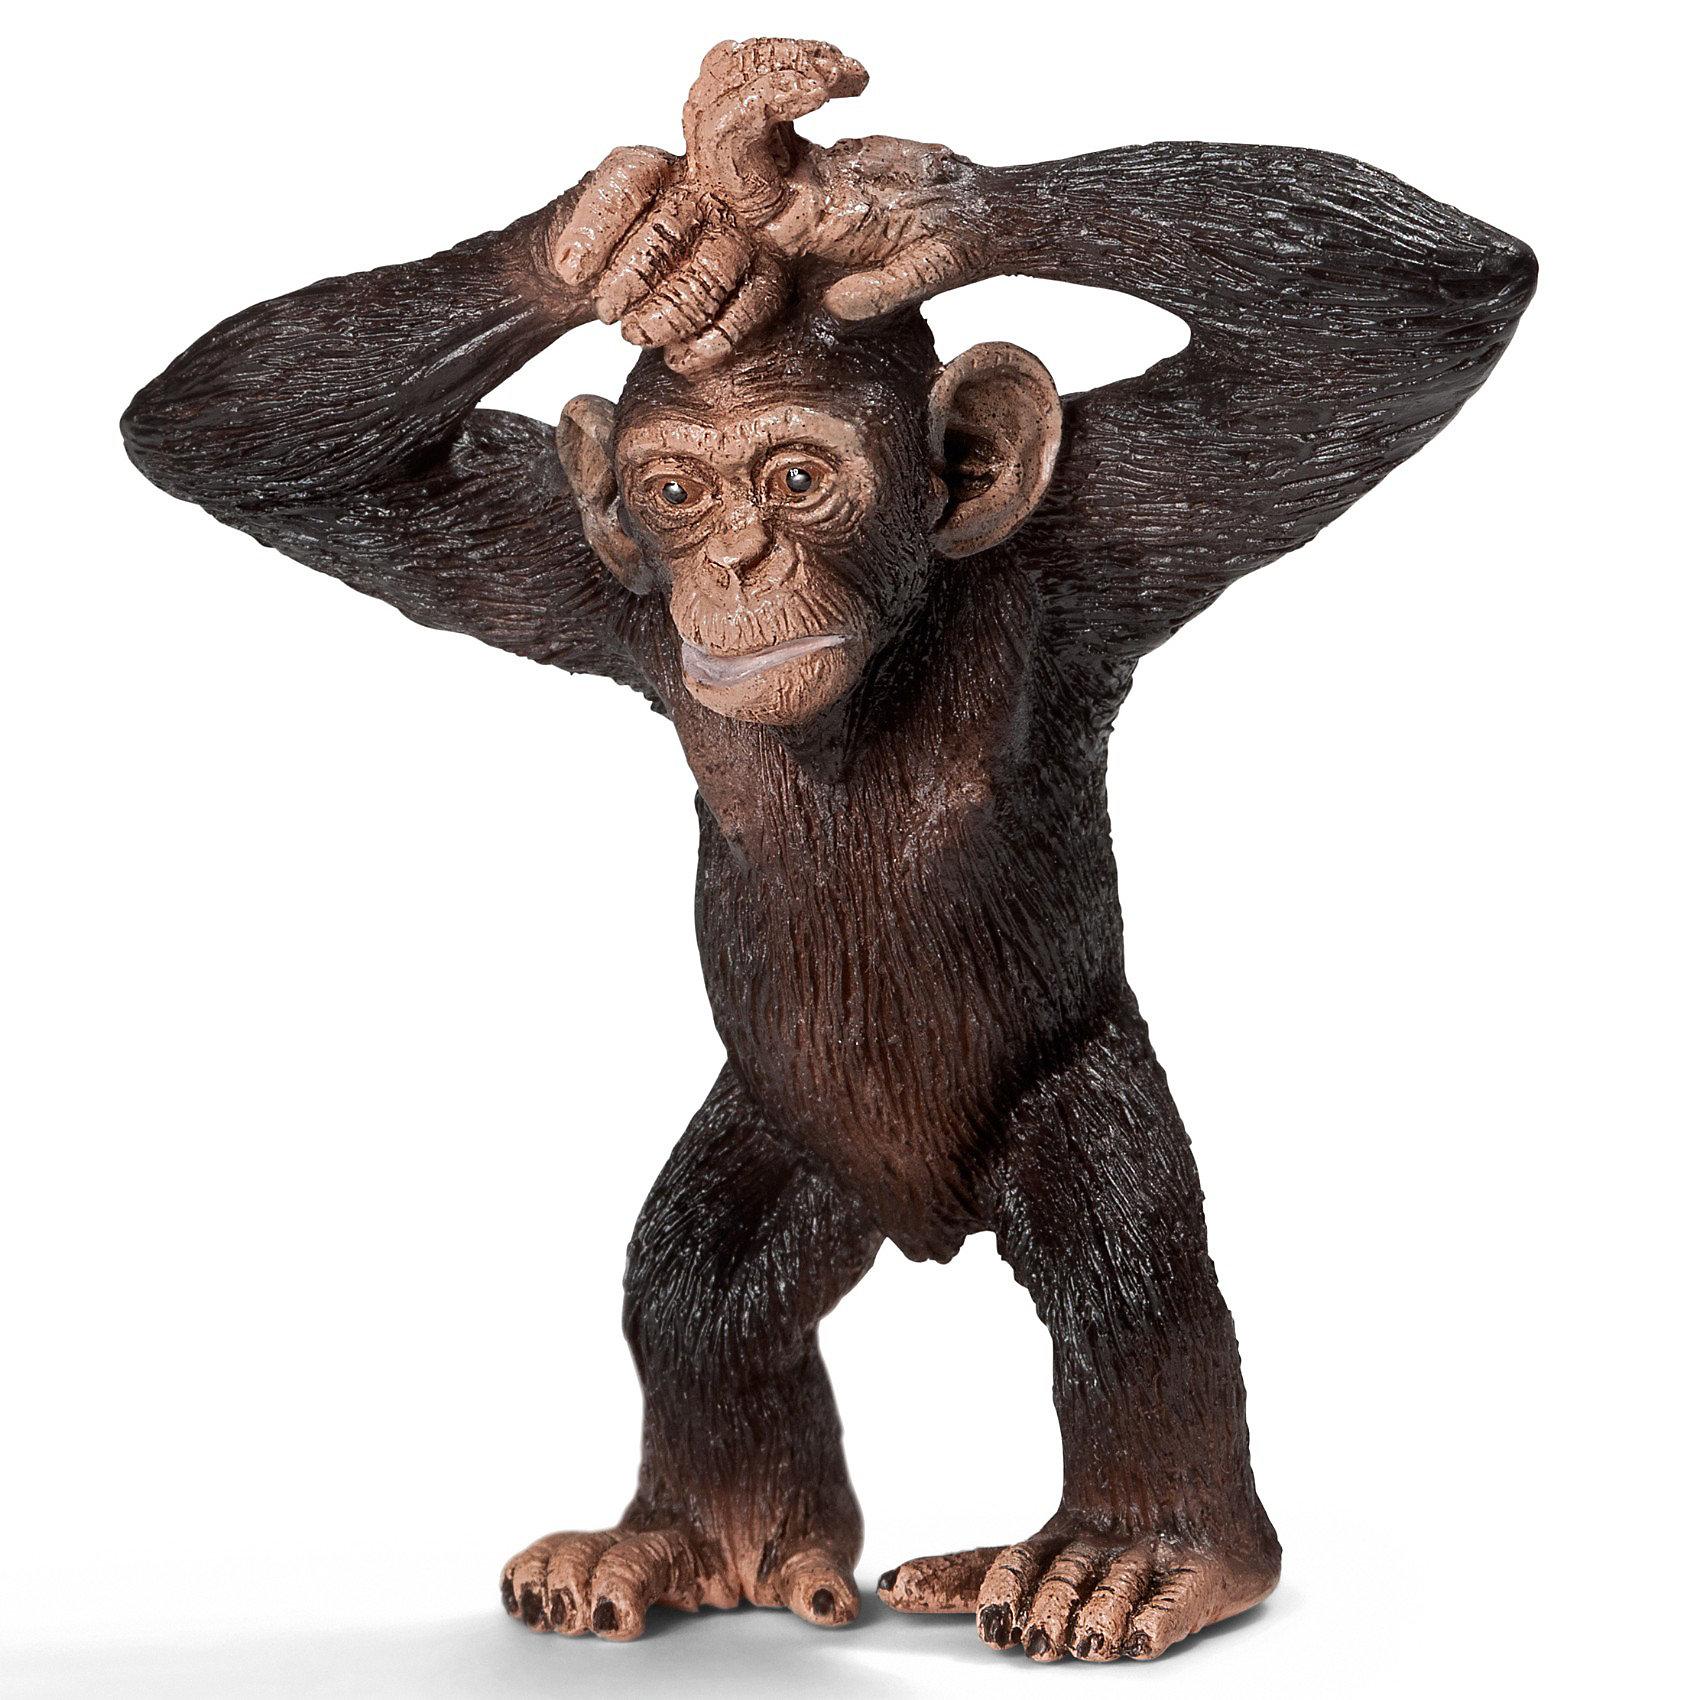 Schleich Schleich Шимпанзе, детеныш. Серия Дикие животные schleich schleich кенгуру серия дикие животные